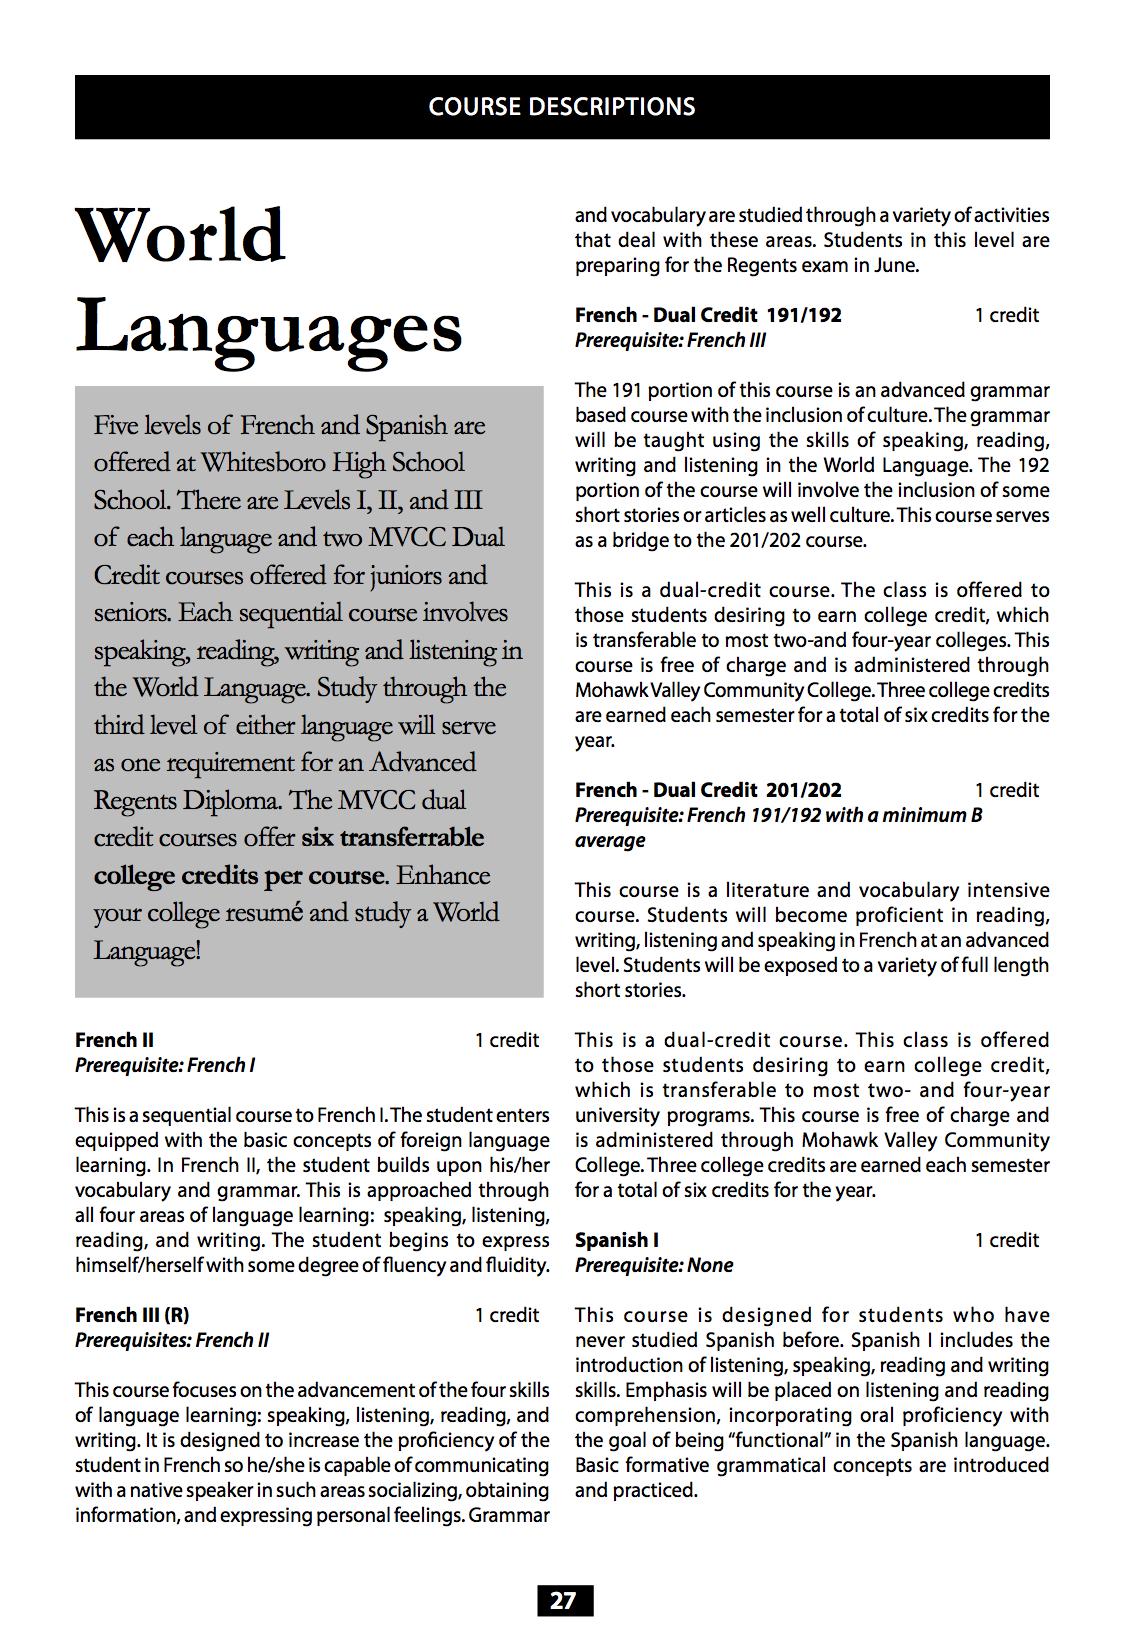 World Languages Course Descriptions - Total languages in world